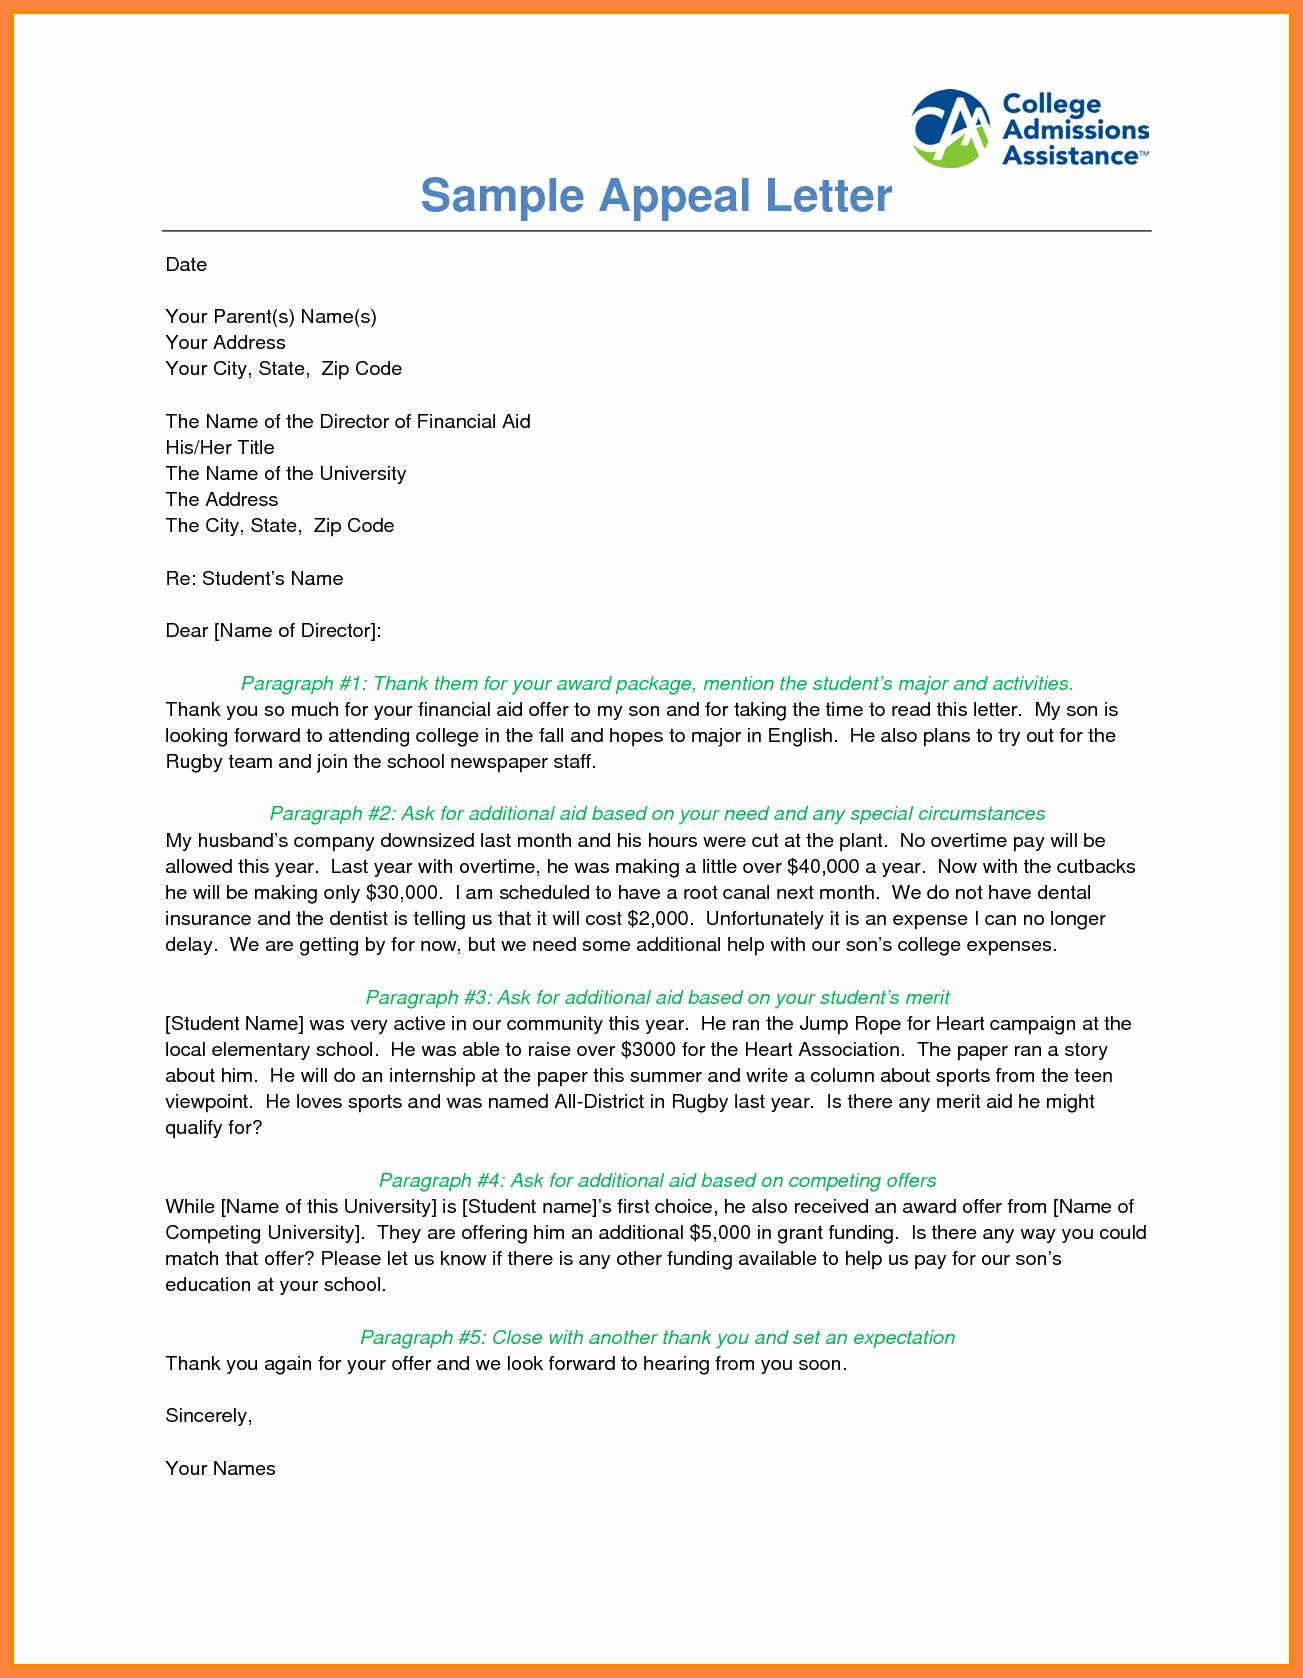 Sap Appeal Letter Inspirational 7 Sap Appeal Letter